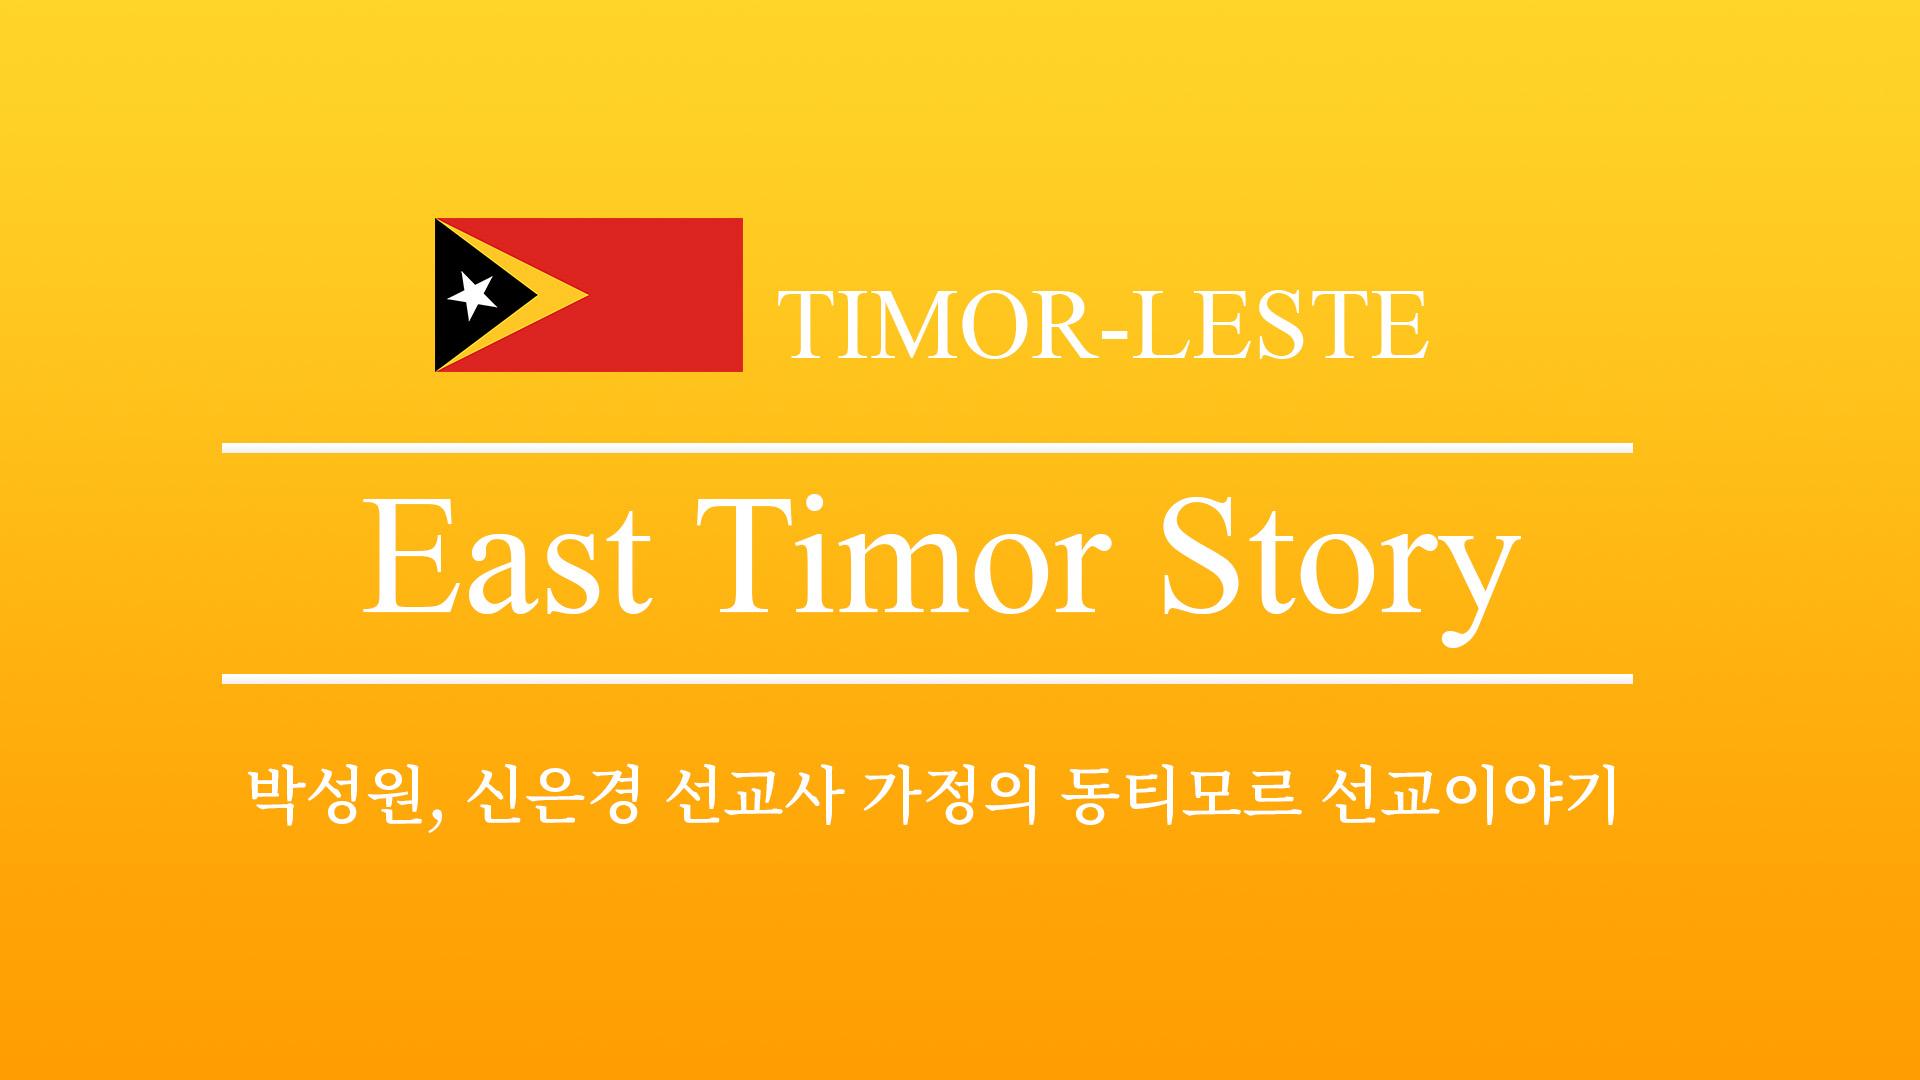 East Timor Story